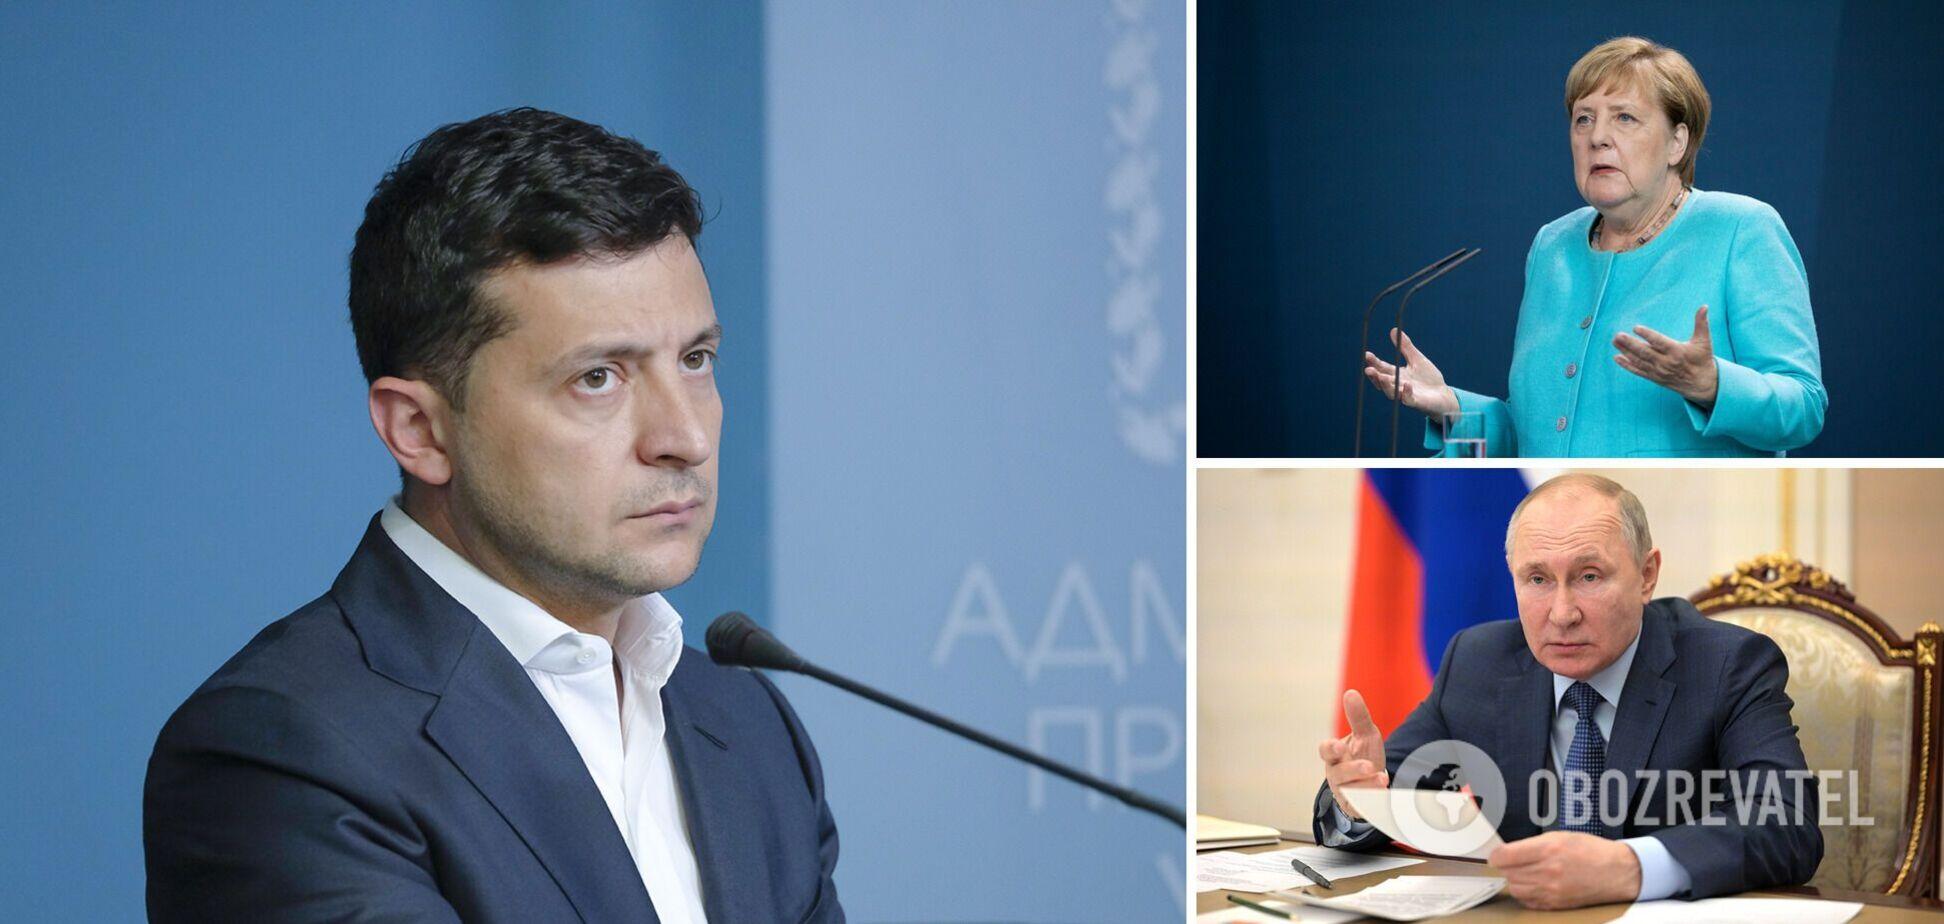 Зеленський – про візит Меркель: на подарунки не чекаю, але гарантії Україні можуть бути